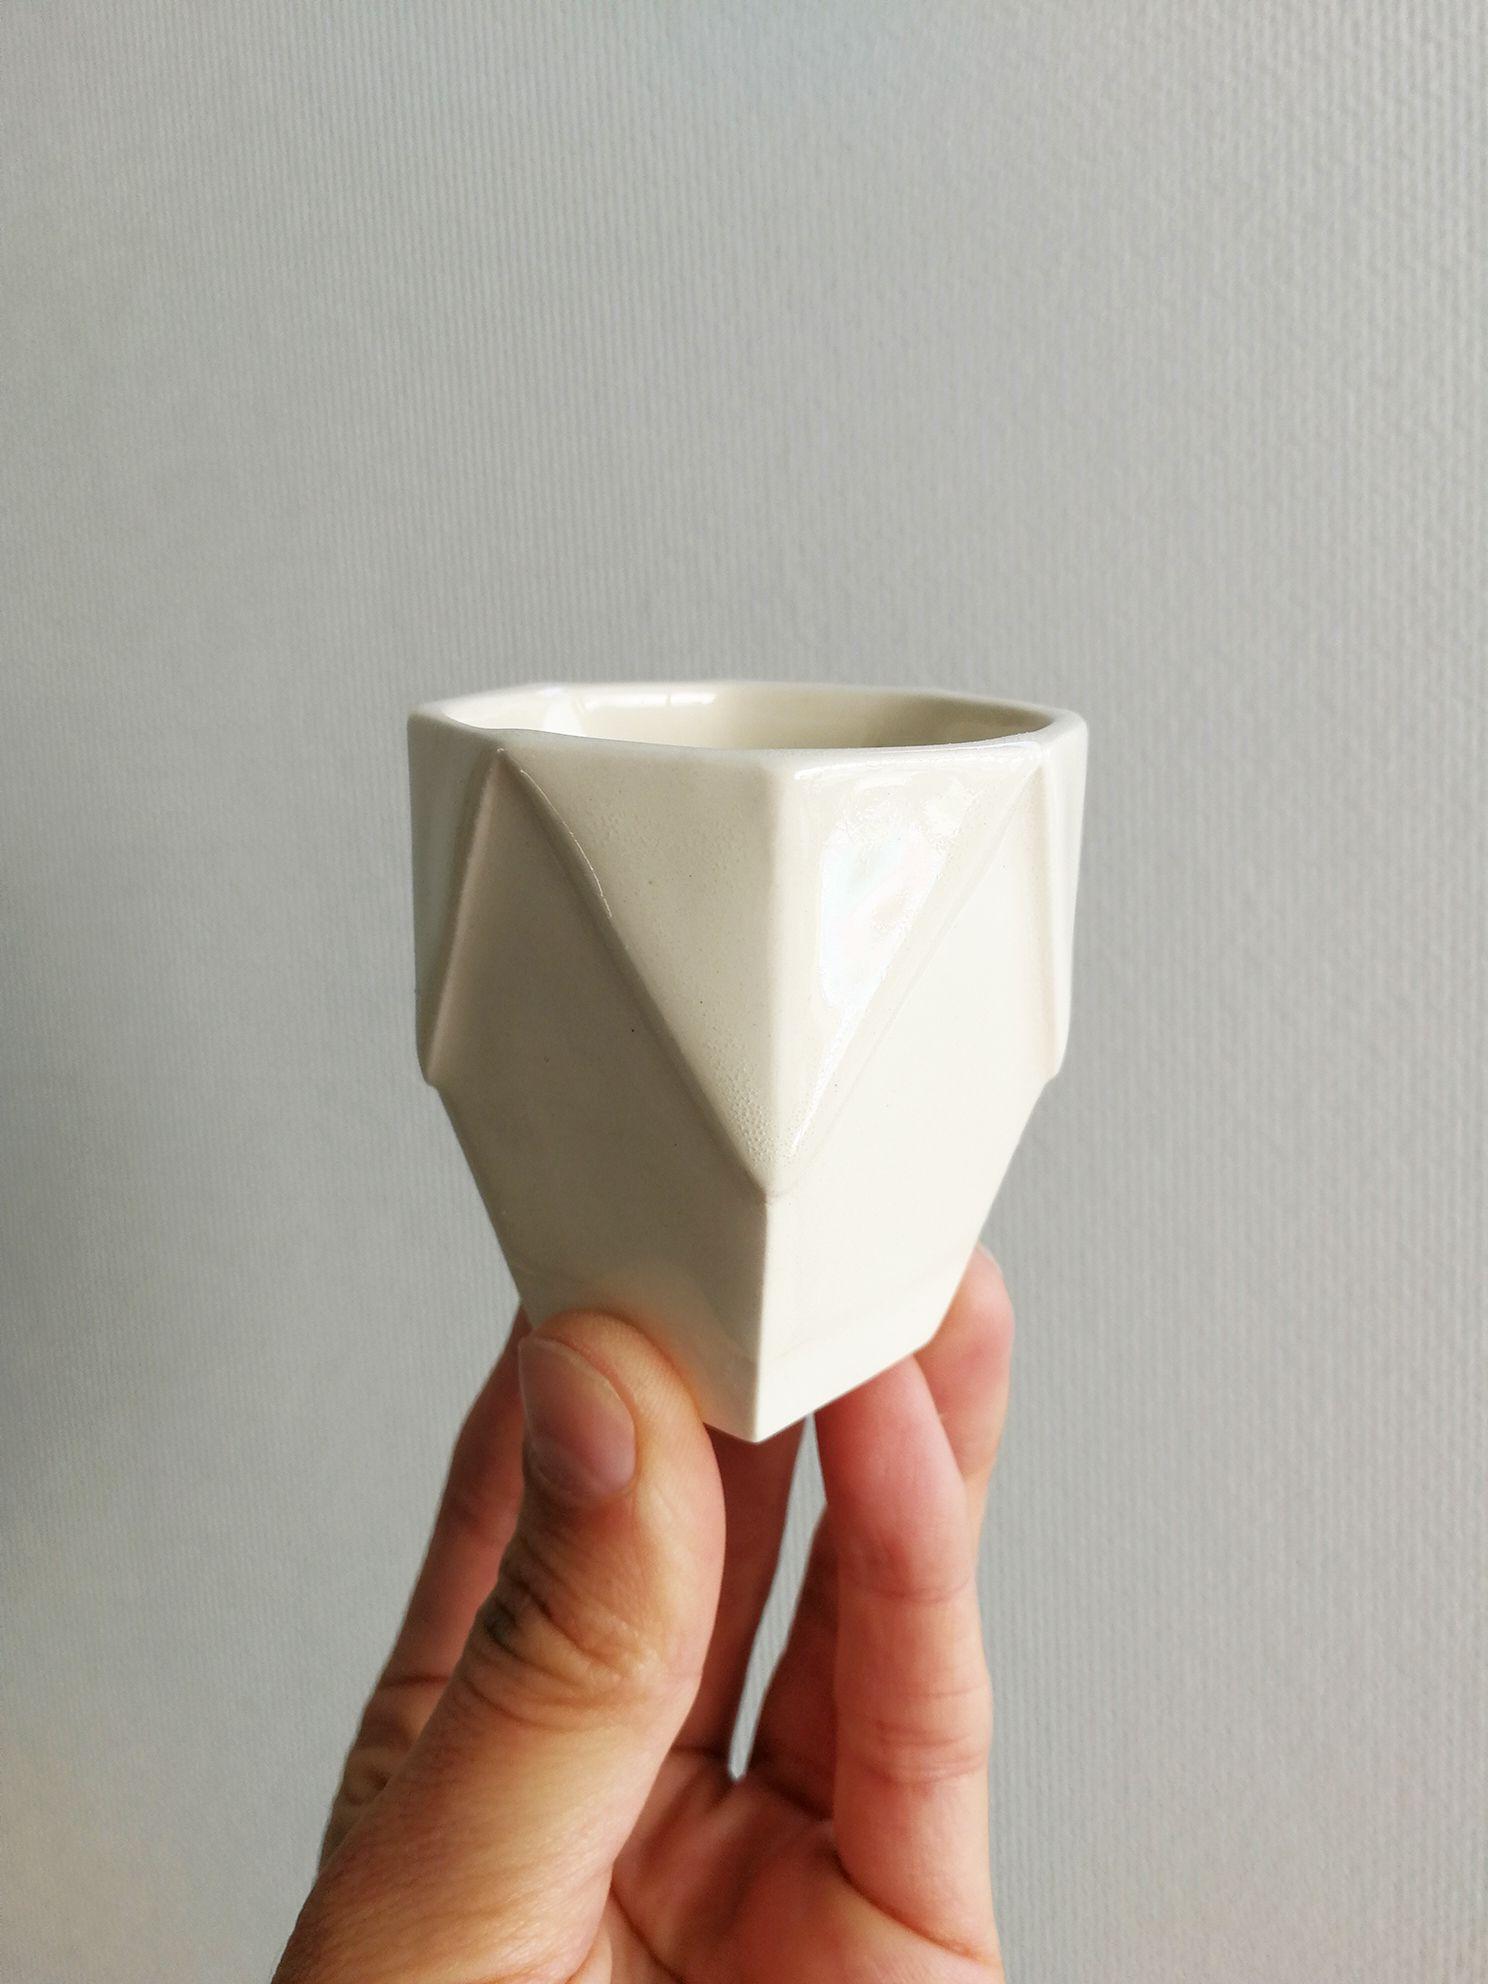 Vaso Hexagonal Ceramica Gres Tamaño Espresso Original Positivo